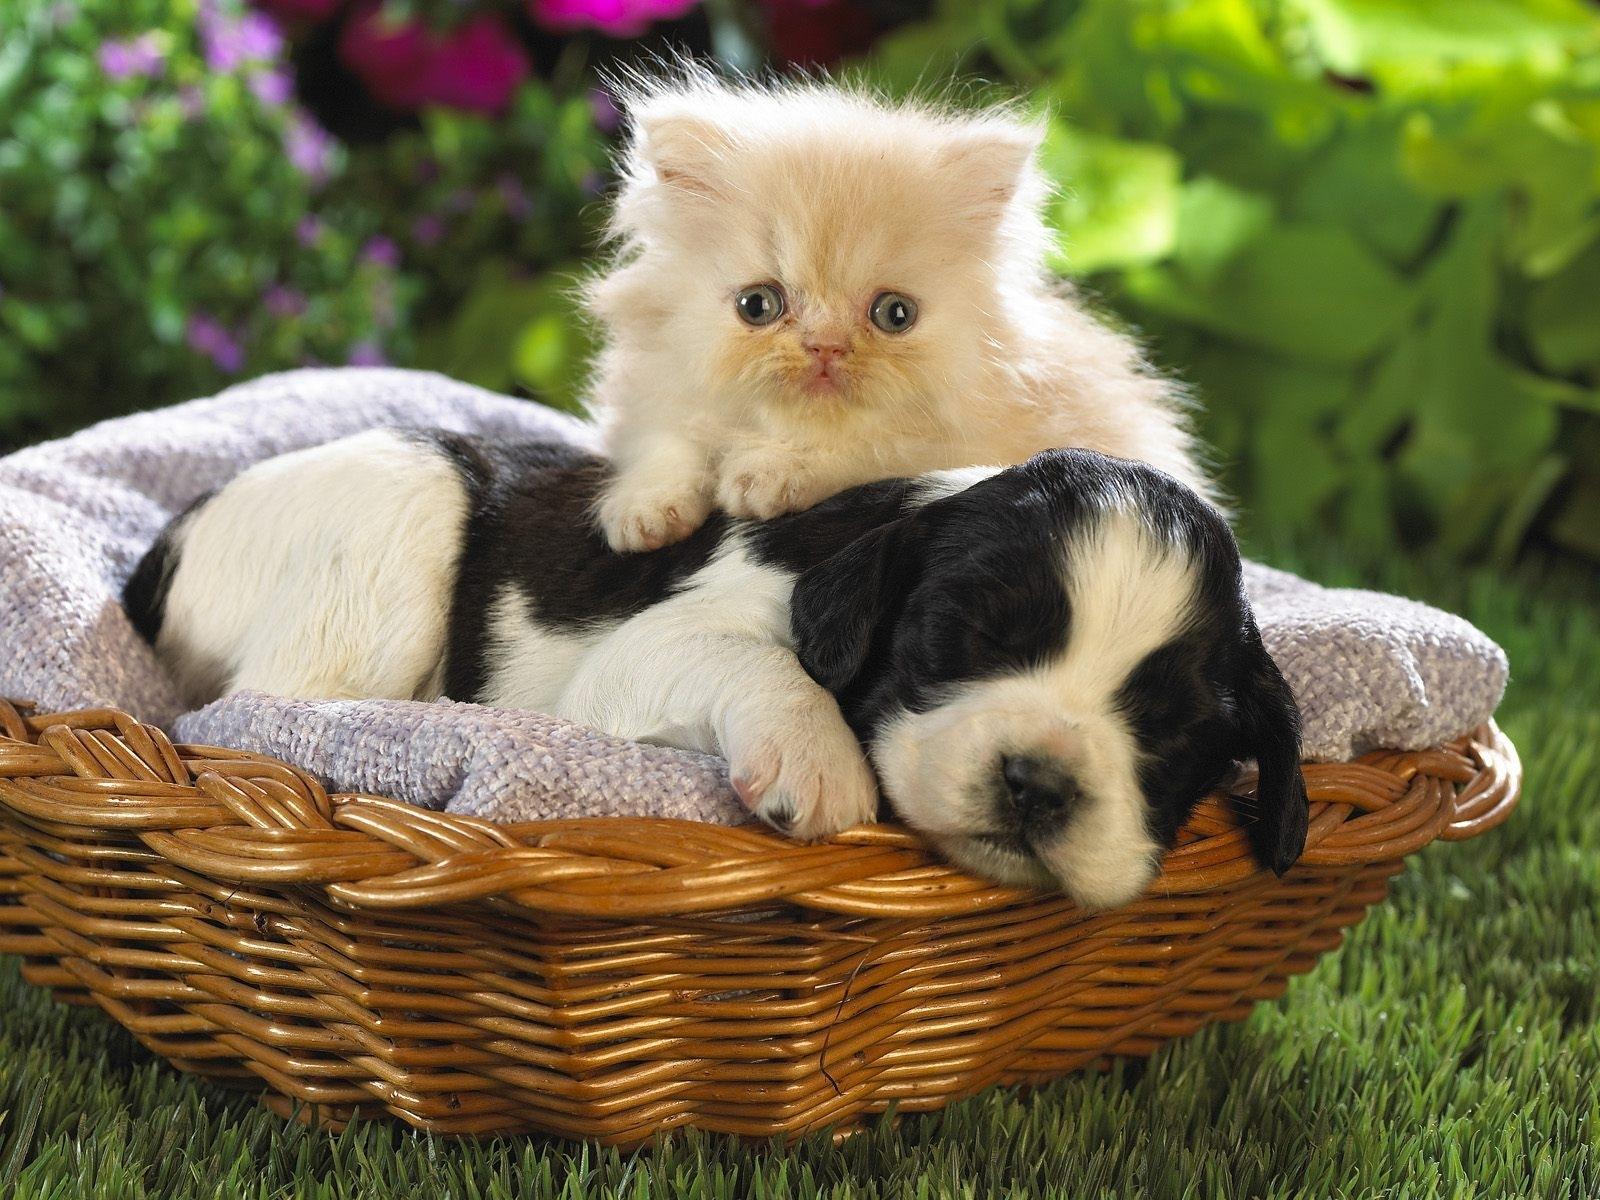 13239 обои 240x320 на телефон бесплатно, скачать картинки Кошки (Коты, Котики), Собаки, Животные 240x320 на мобильный